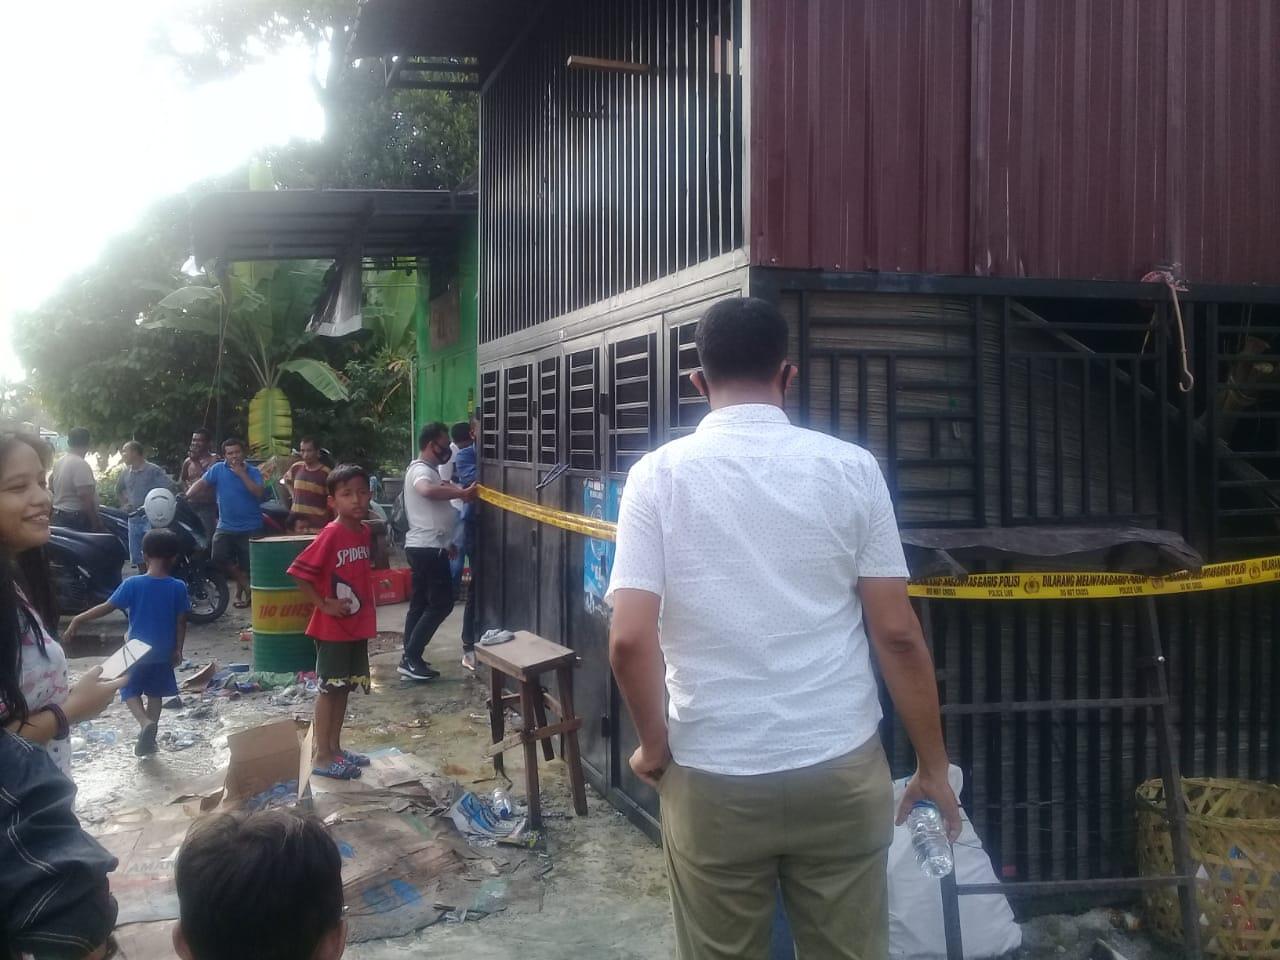 Kebakaran di Ruko Tanjung Gusta Renggut 1 Korban Jiwa